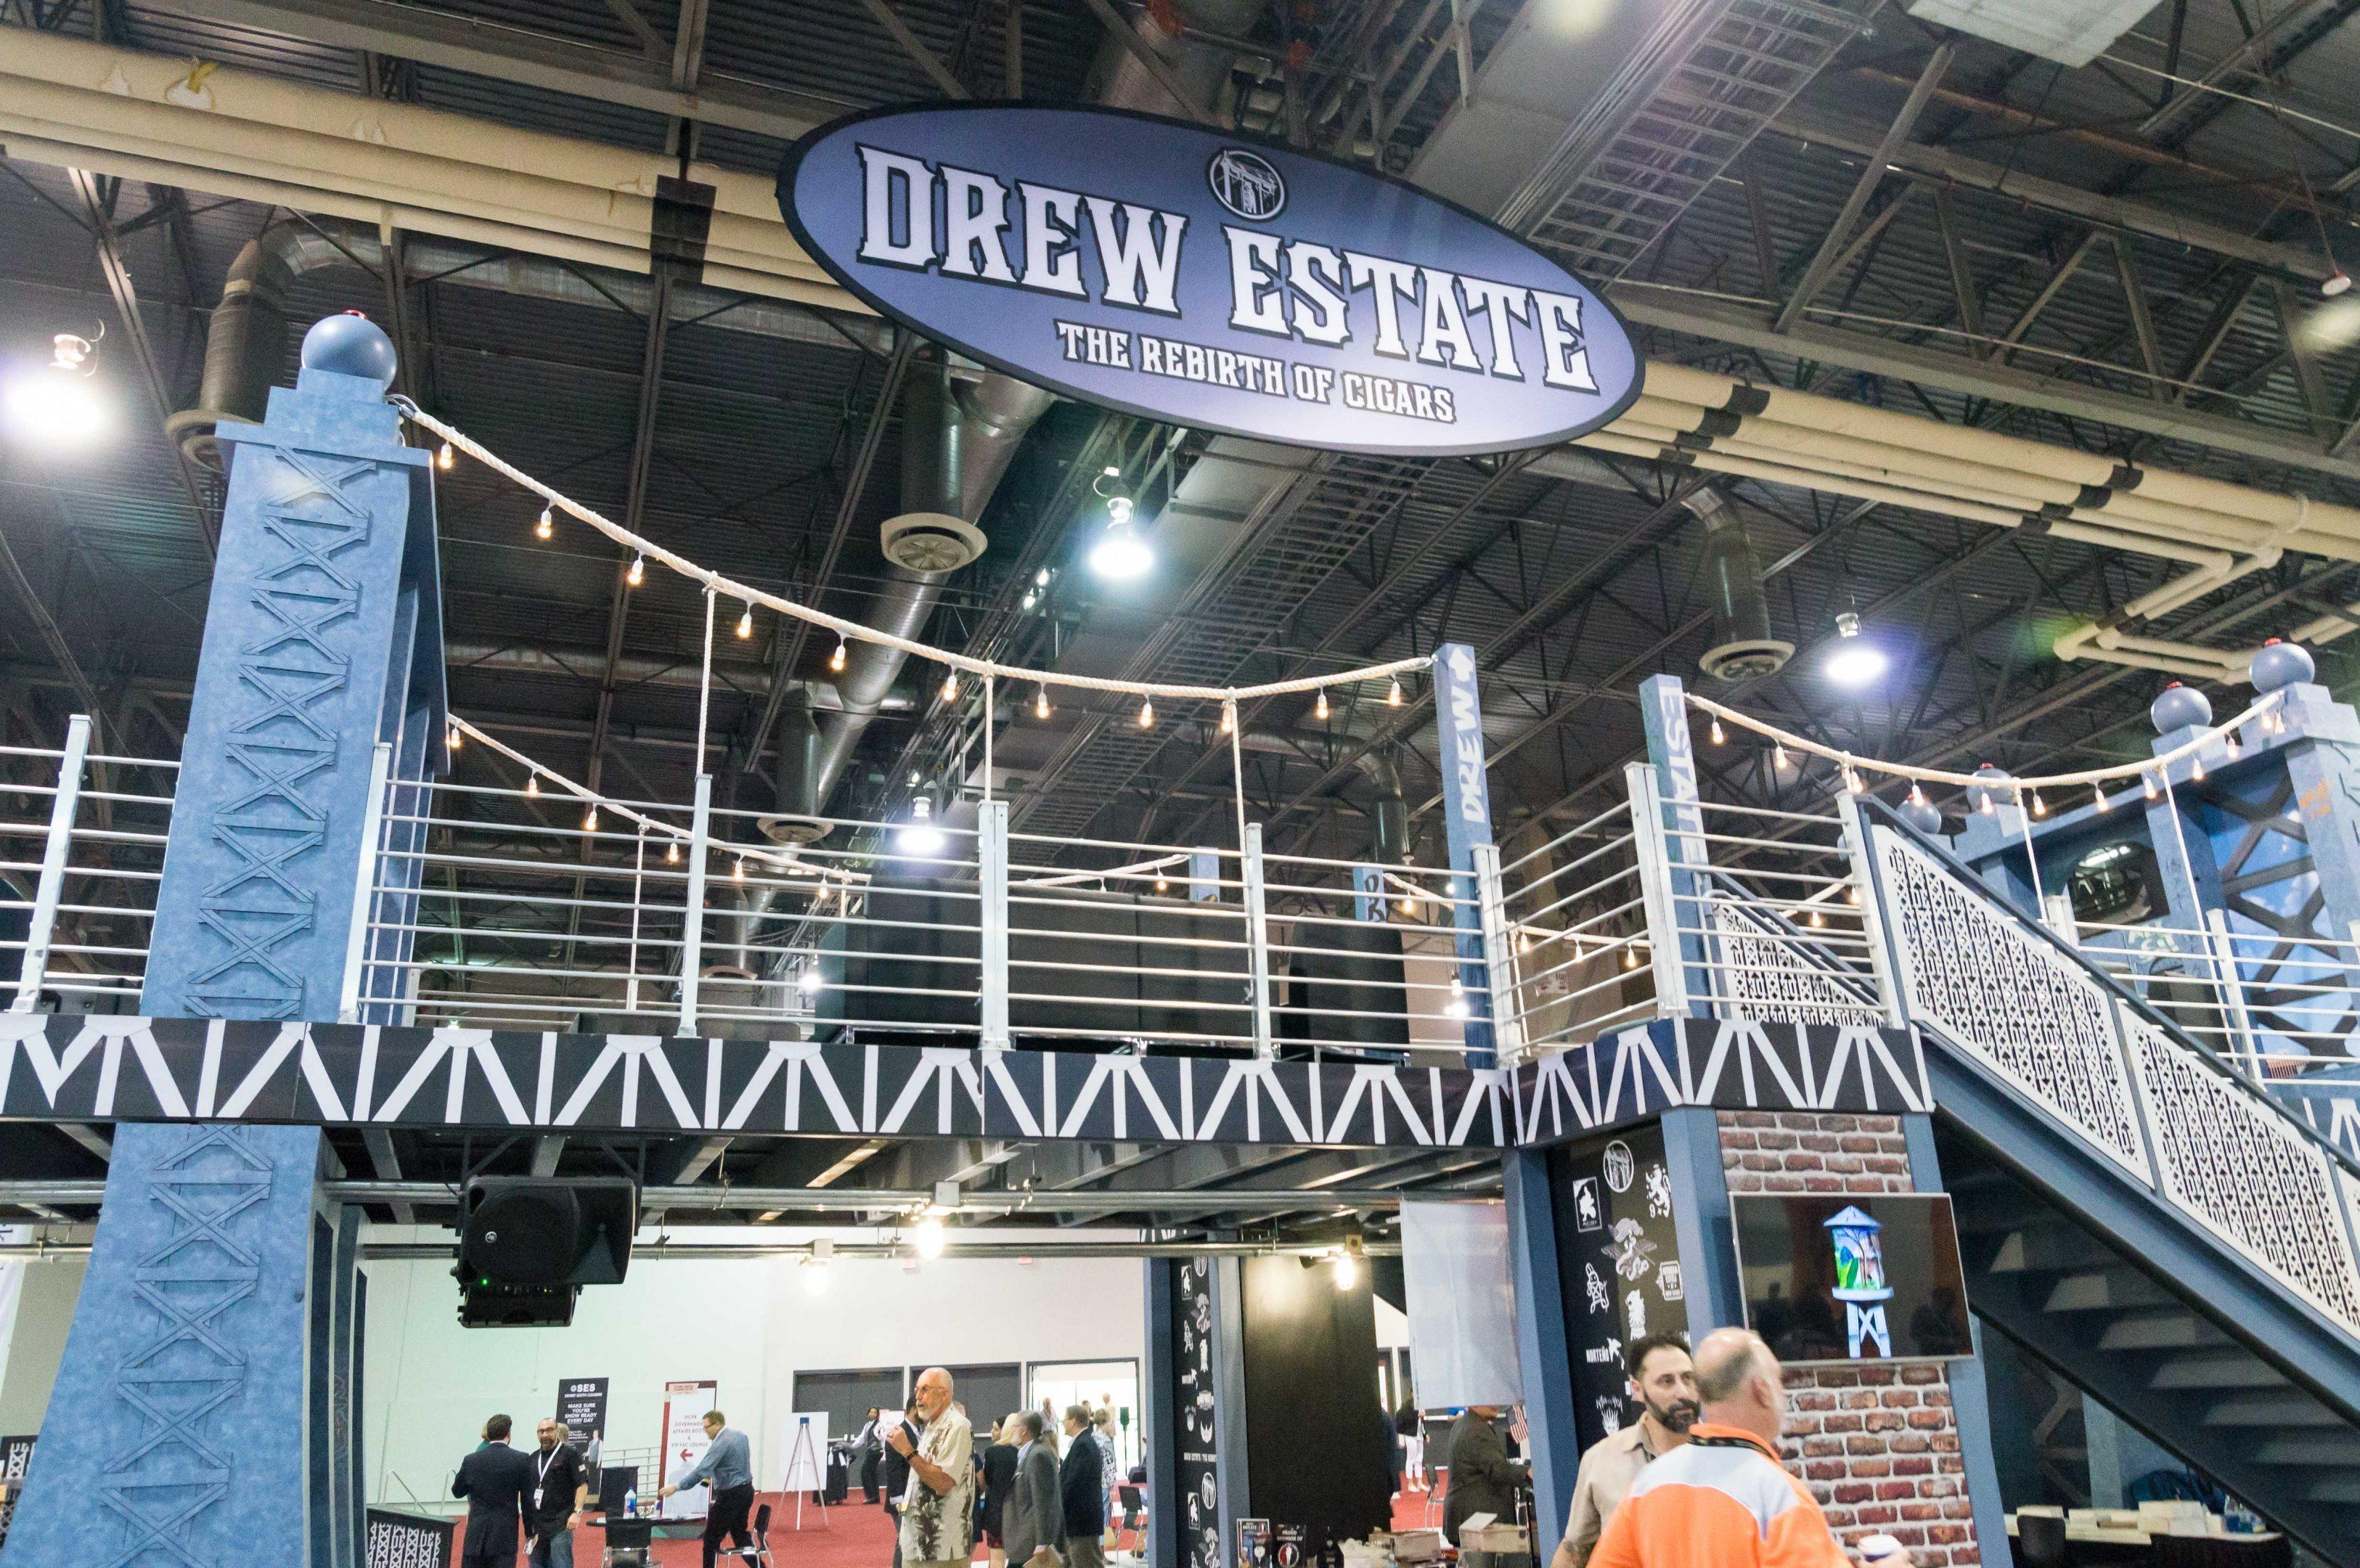 IPCPR: 2016 – Drew Estate